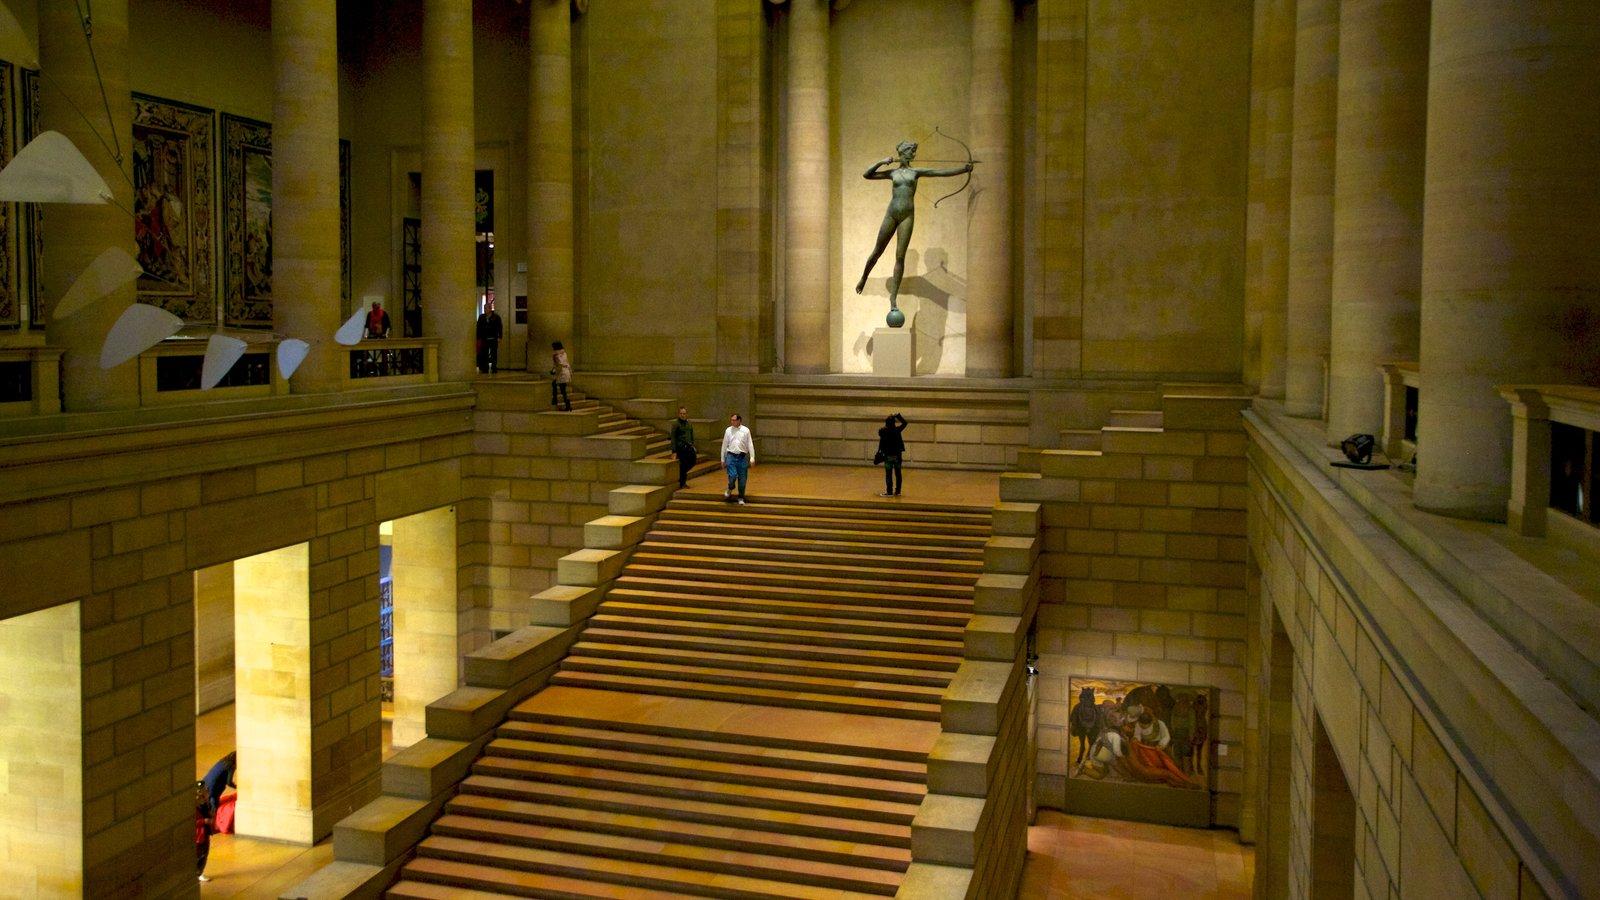 Museu de Arte caracterizando um memorial, arte e vistas internas